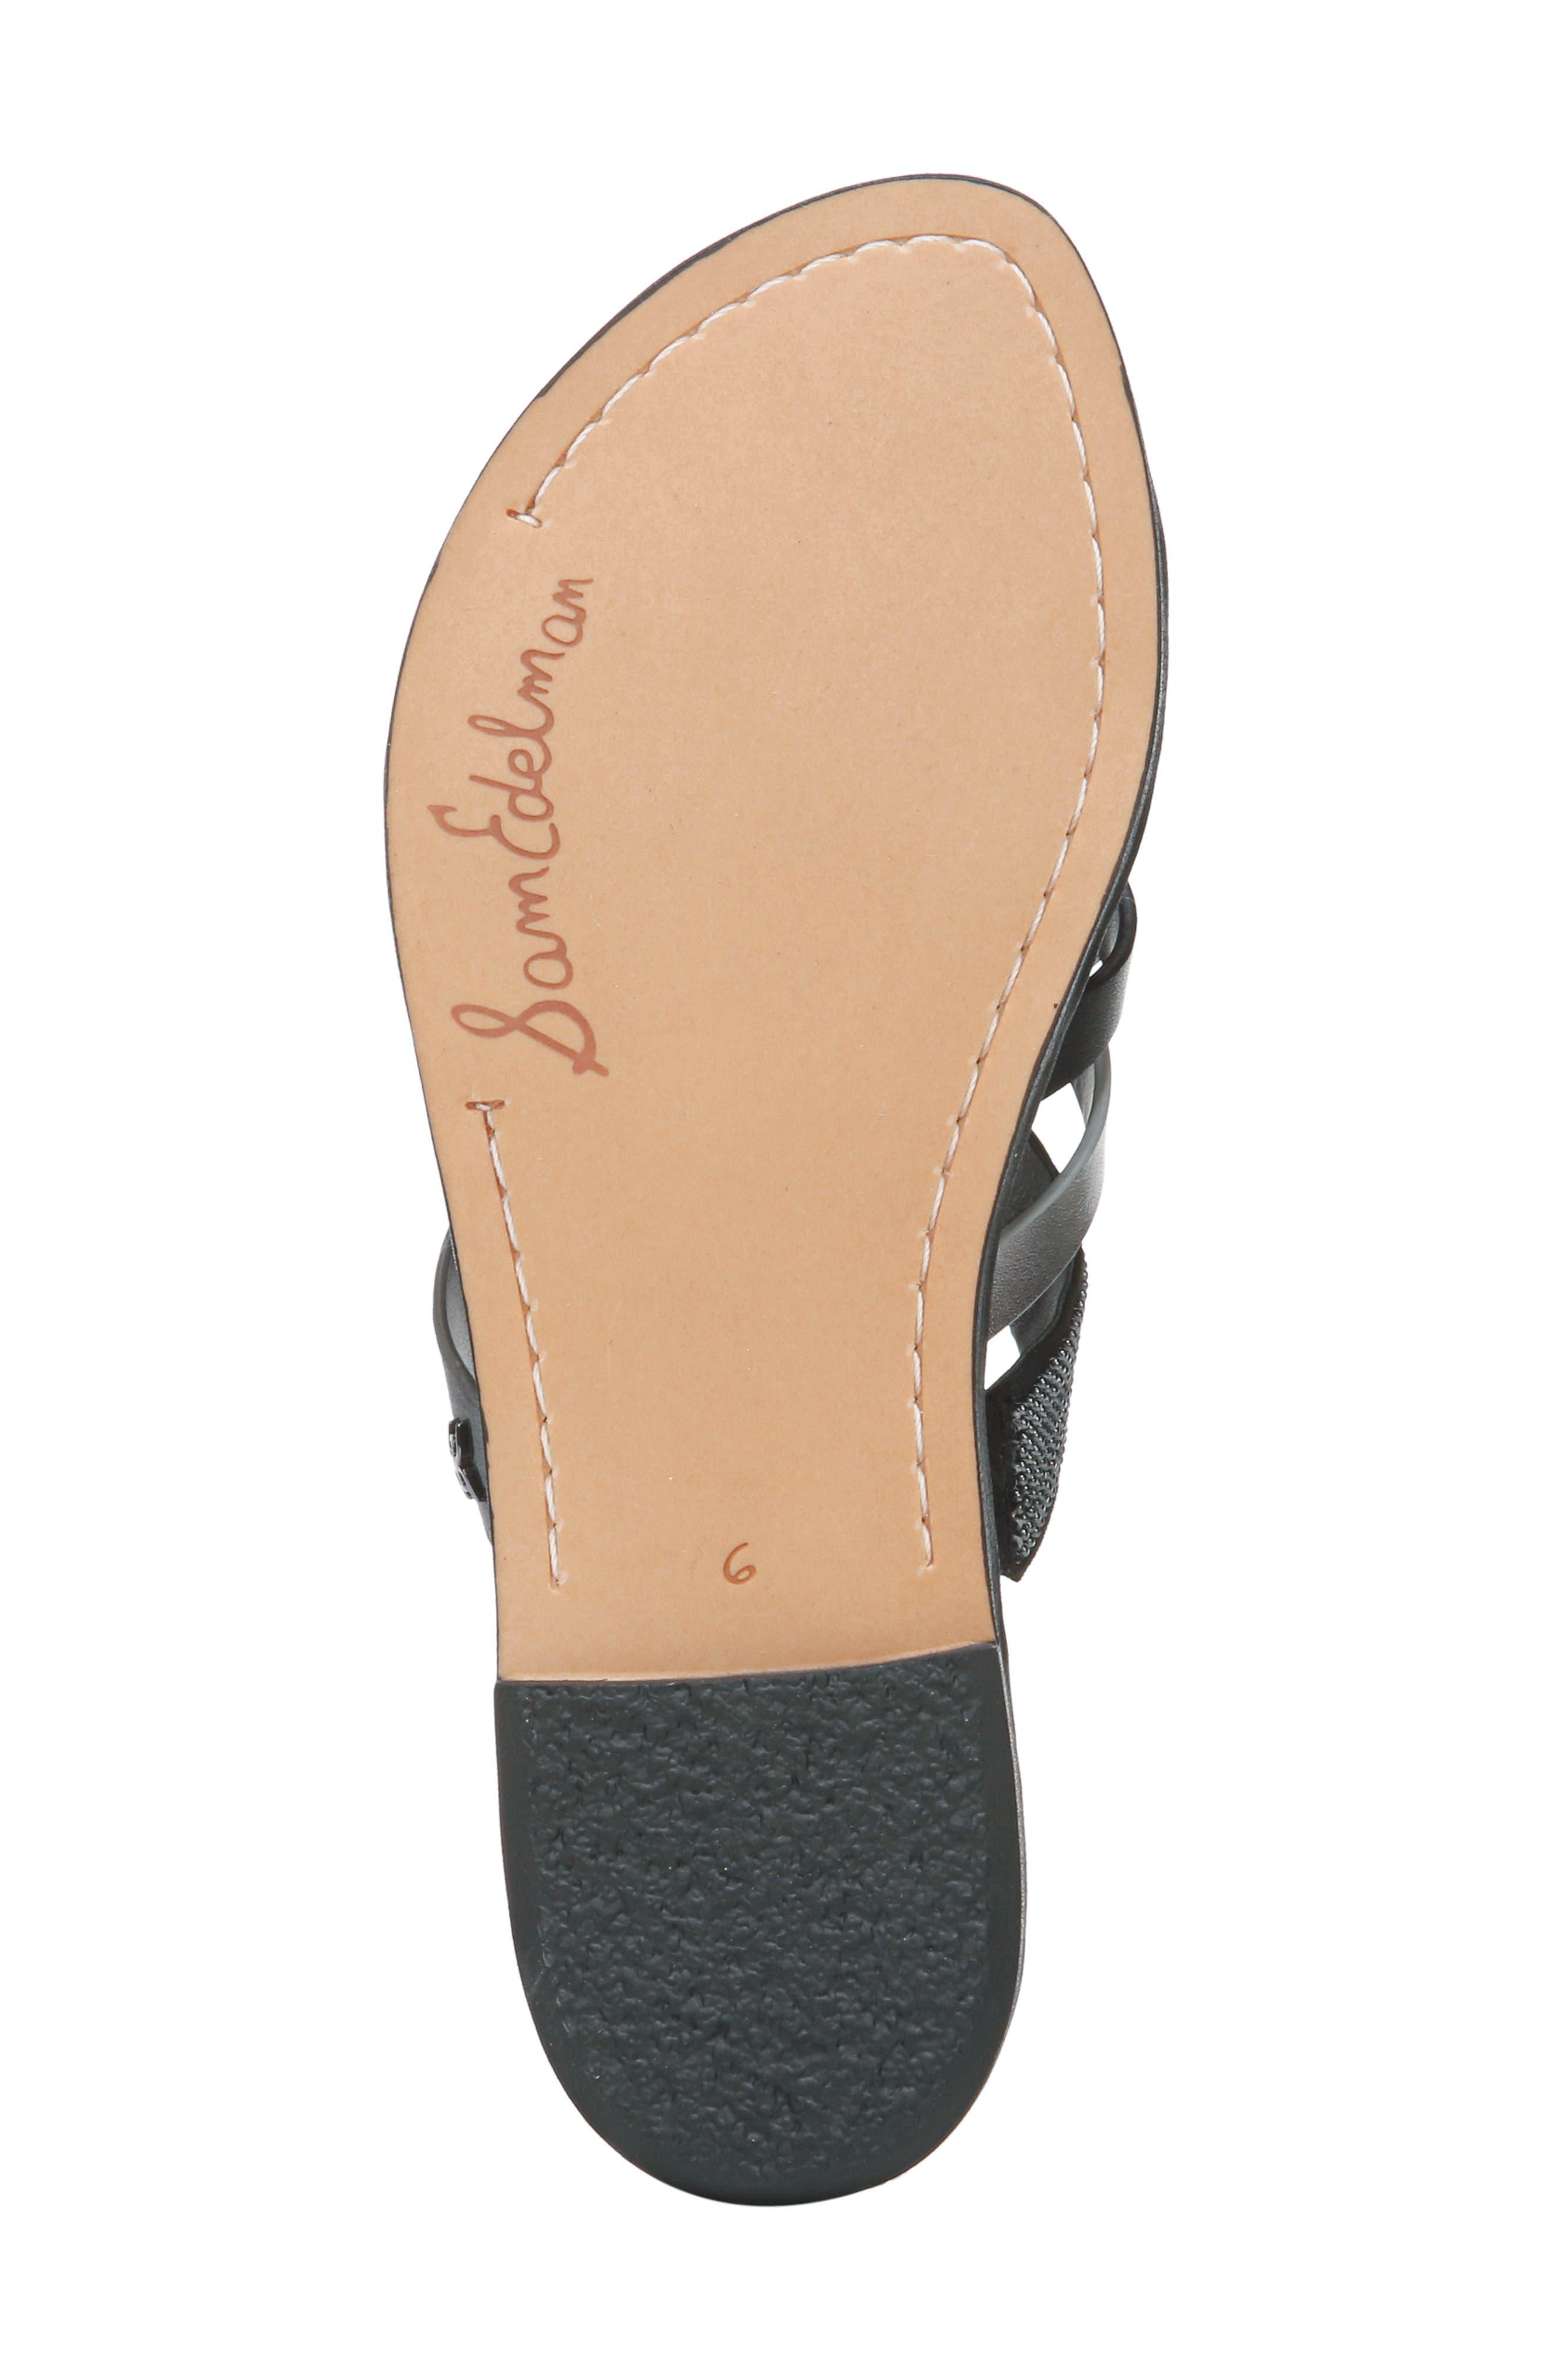 Glennia Slide Sandal,                             Alternate thumbnail 6, color,                             DARK PEWTER/ BLACK LEATHER